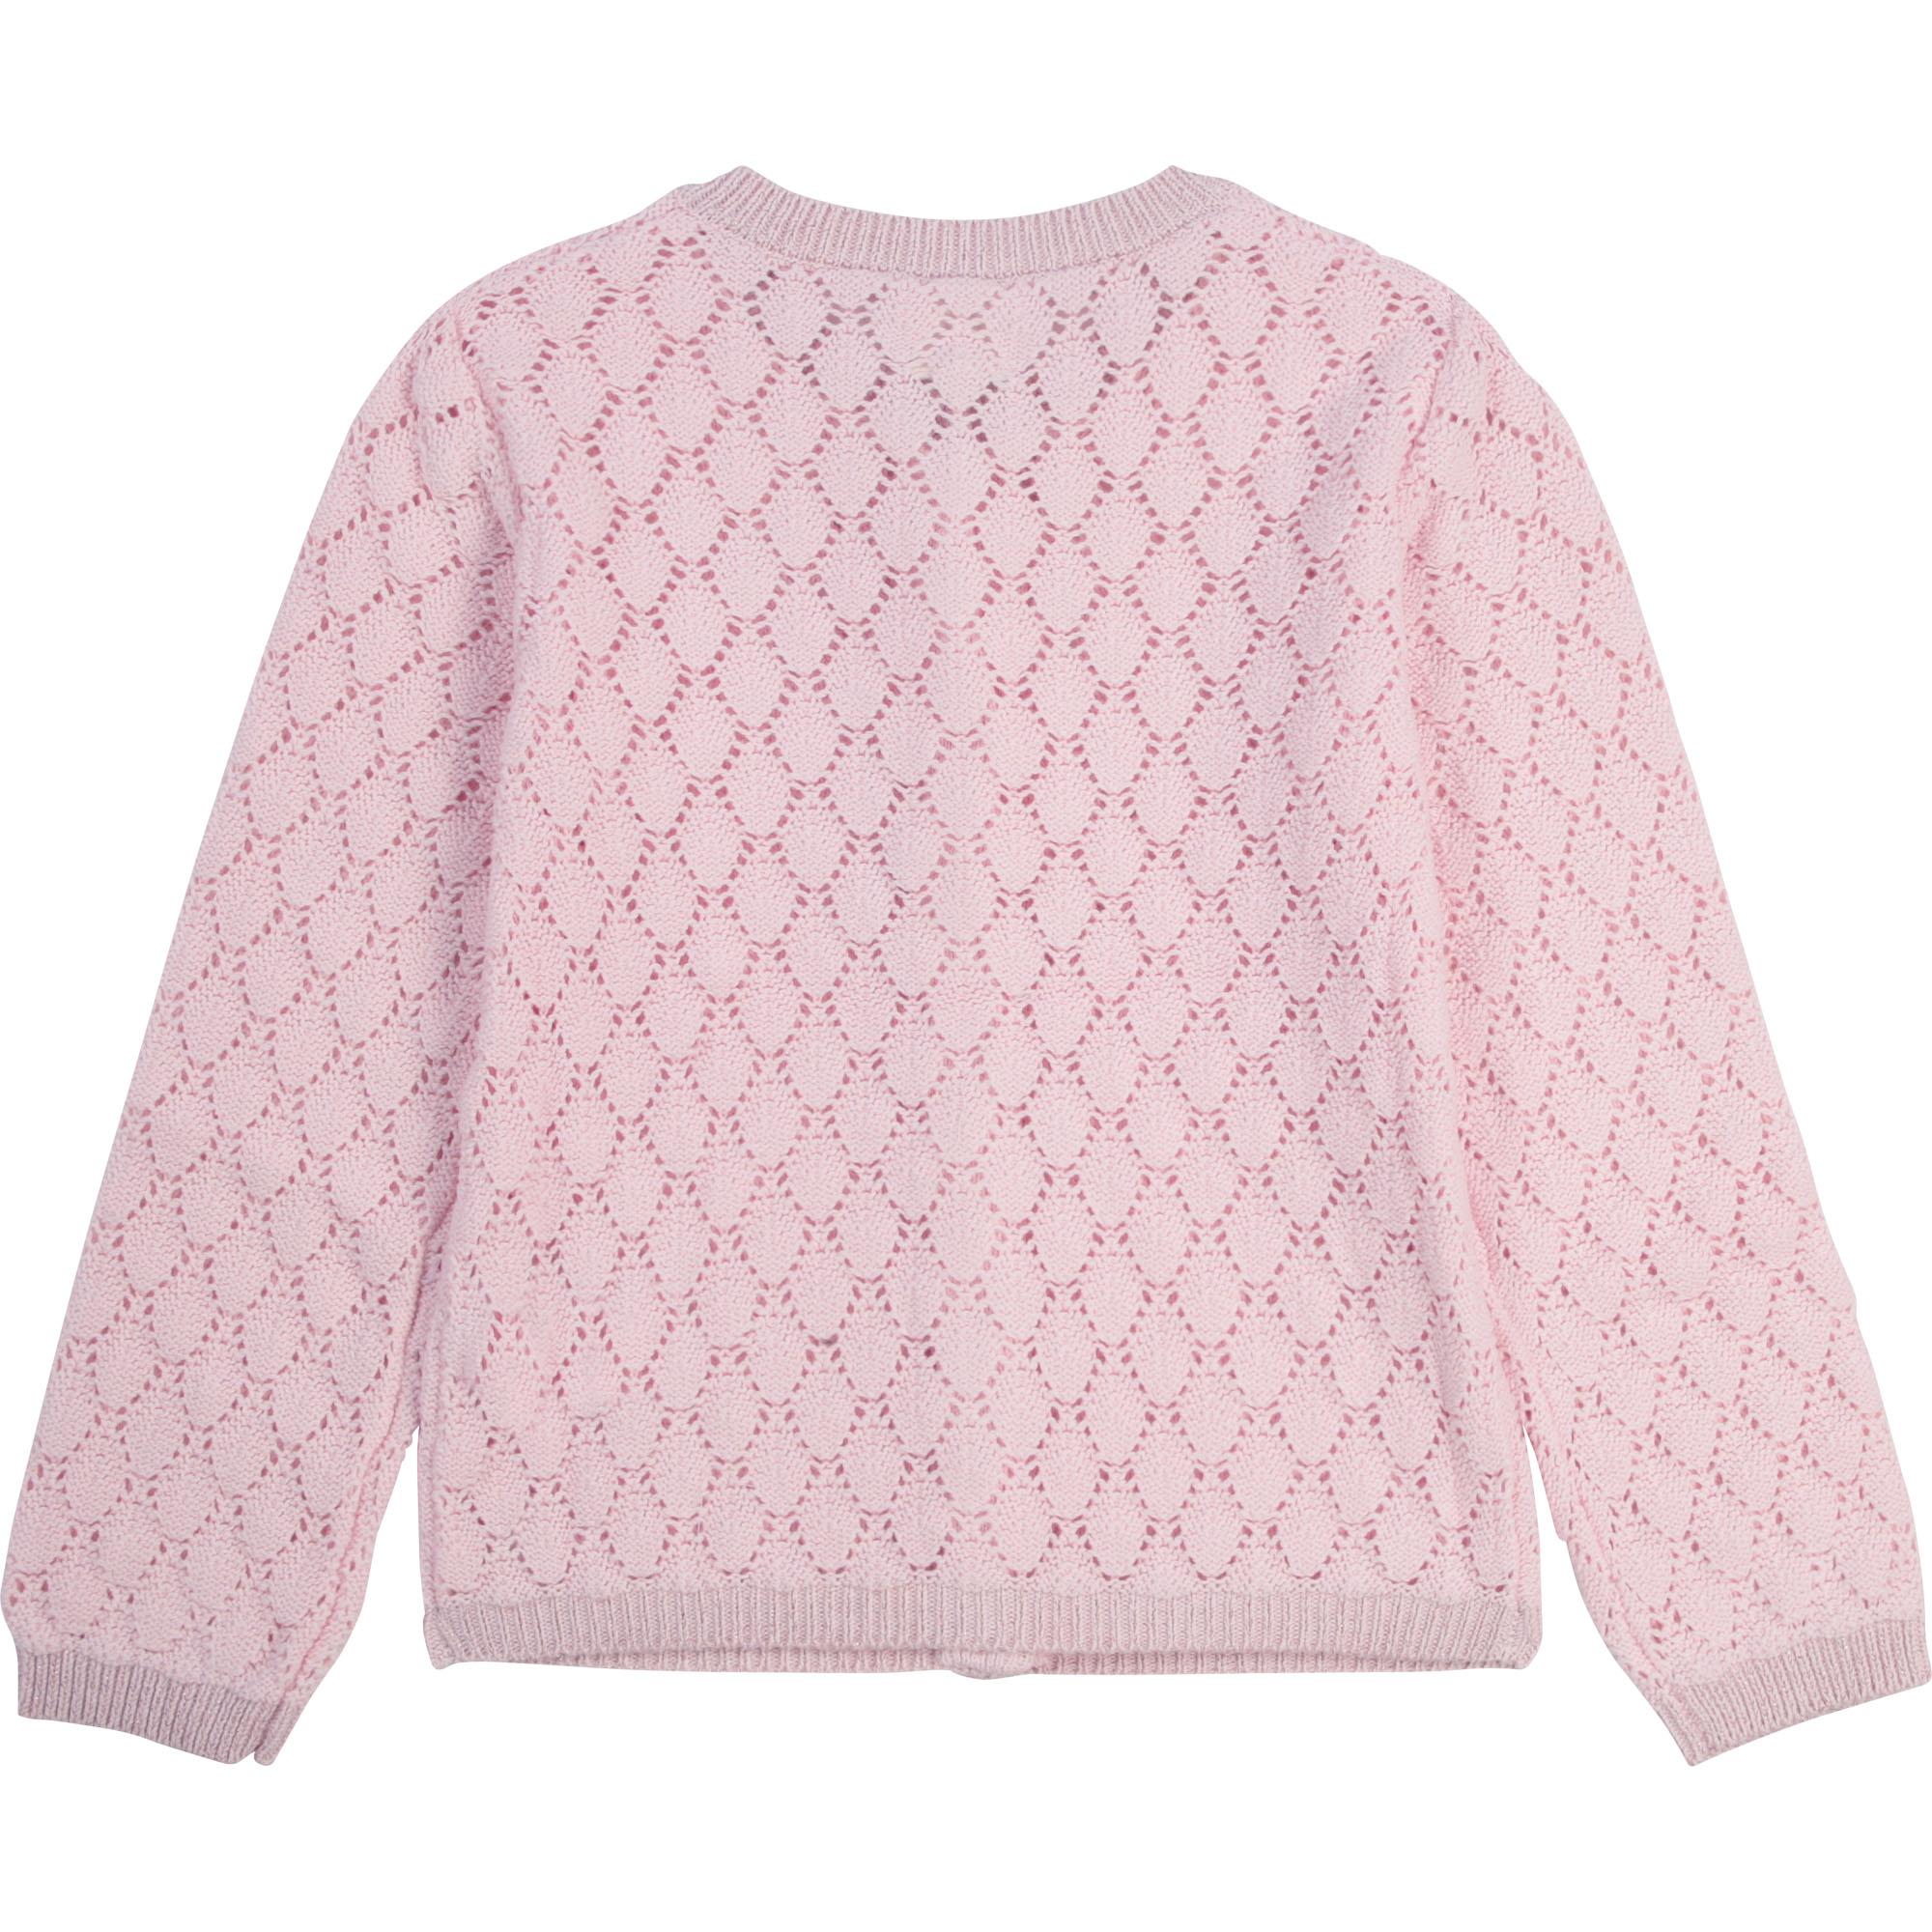 Cardigan en tricot fantaisie CARREMENT BEAU pour FILLE